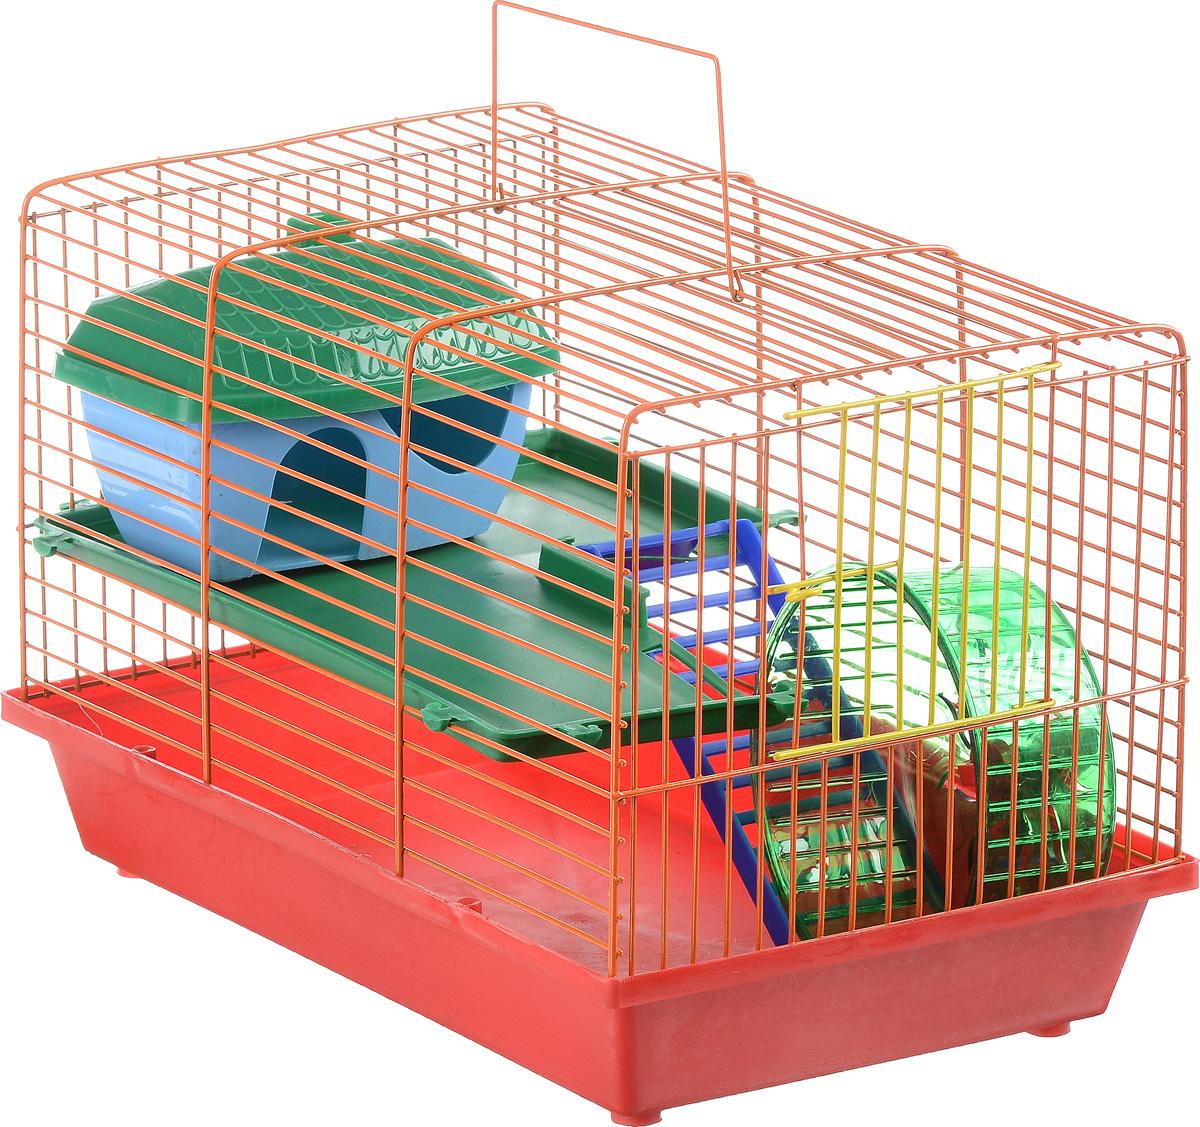 Клетка для грызунов ЗооМарк, 2-этажная, цвет: красный поддон, оранжевая решетка, зеленые этажи, 36 х 22 х 24 см125КОКлетка ЗооМарк, выполненная из полипропилена и металла, подходит для мелких грызунов. Изделие двухэтажное, оборудовано лестницей, колесом для подвижных игр и пластиковым домиком. Клетка имеет яркий поддон, удобна в использовании и легко чистится. Сверху имеется ручка для переноски. Такая клетка станет уединенным личным пространством и уютным домиком для маленького грызуна.